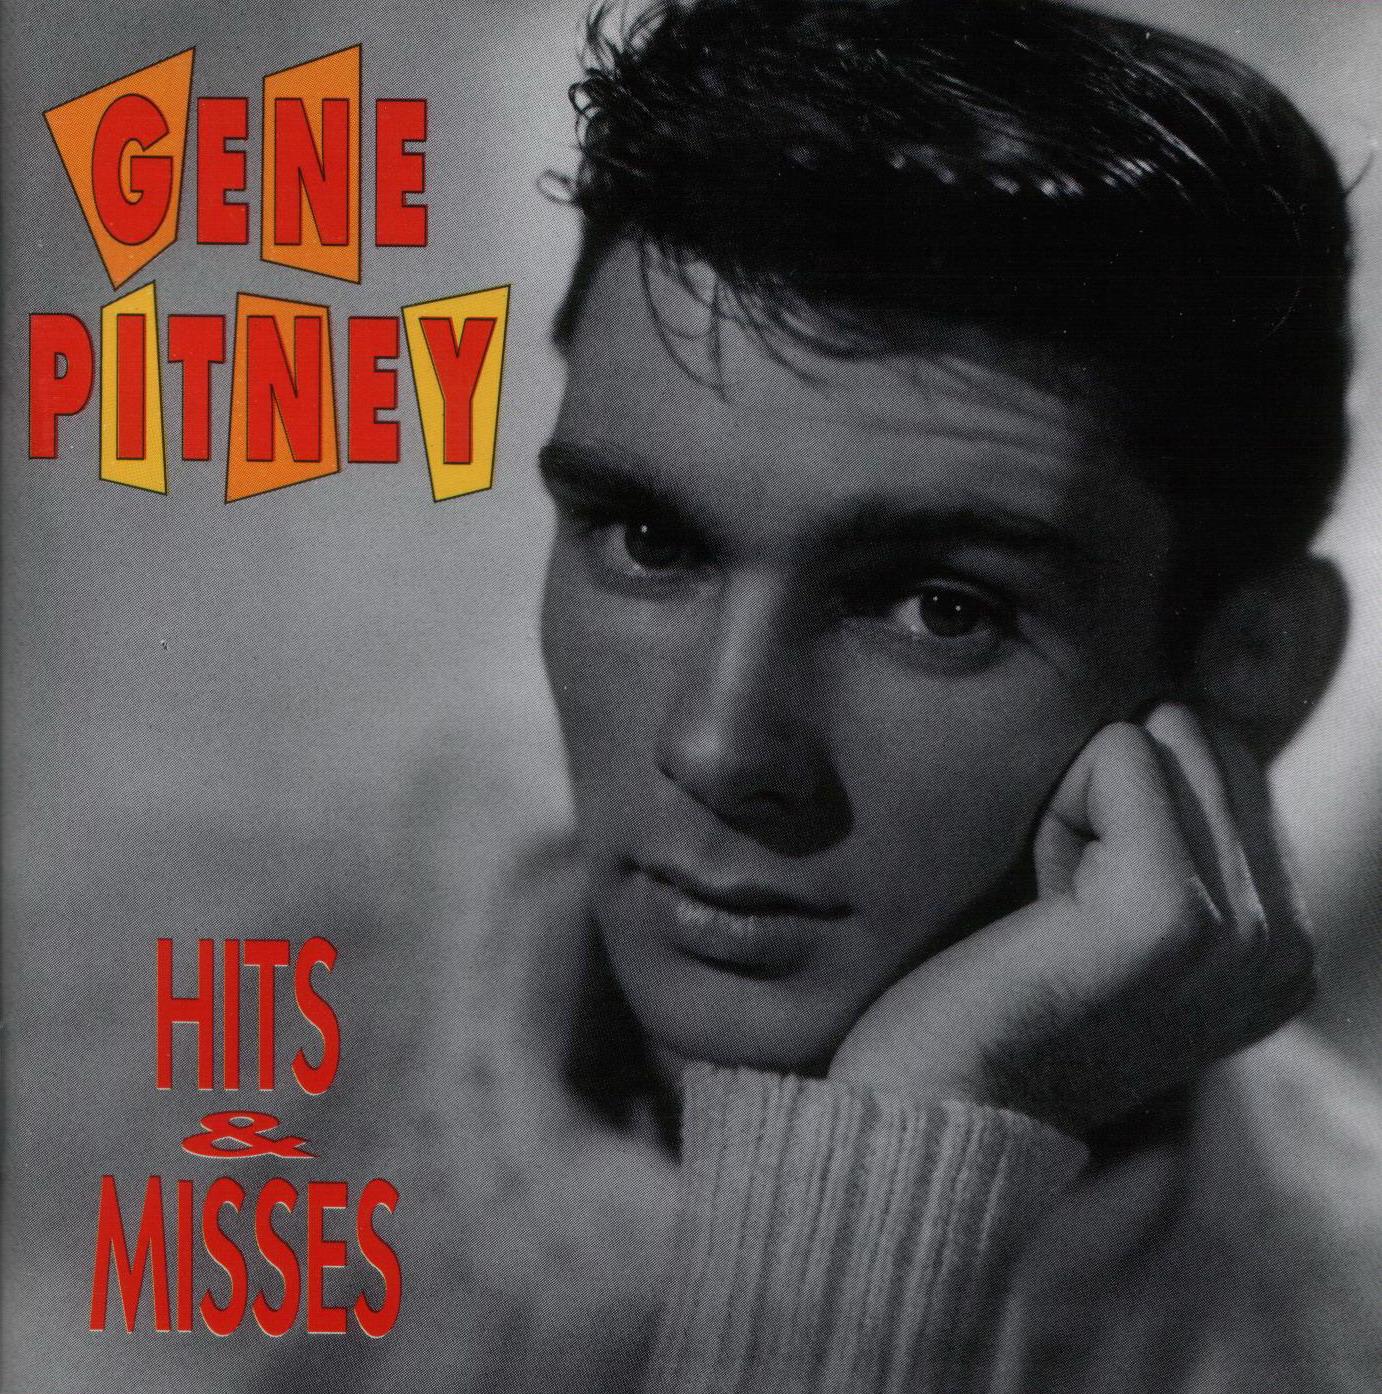 Ol S But Goo S Gene Pitney